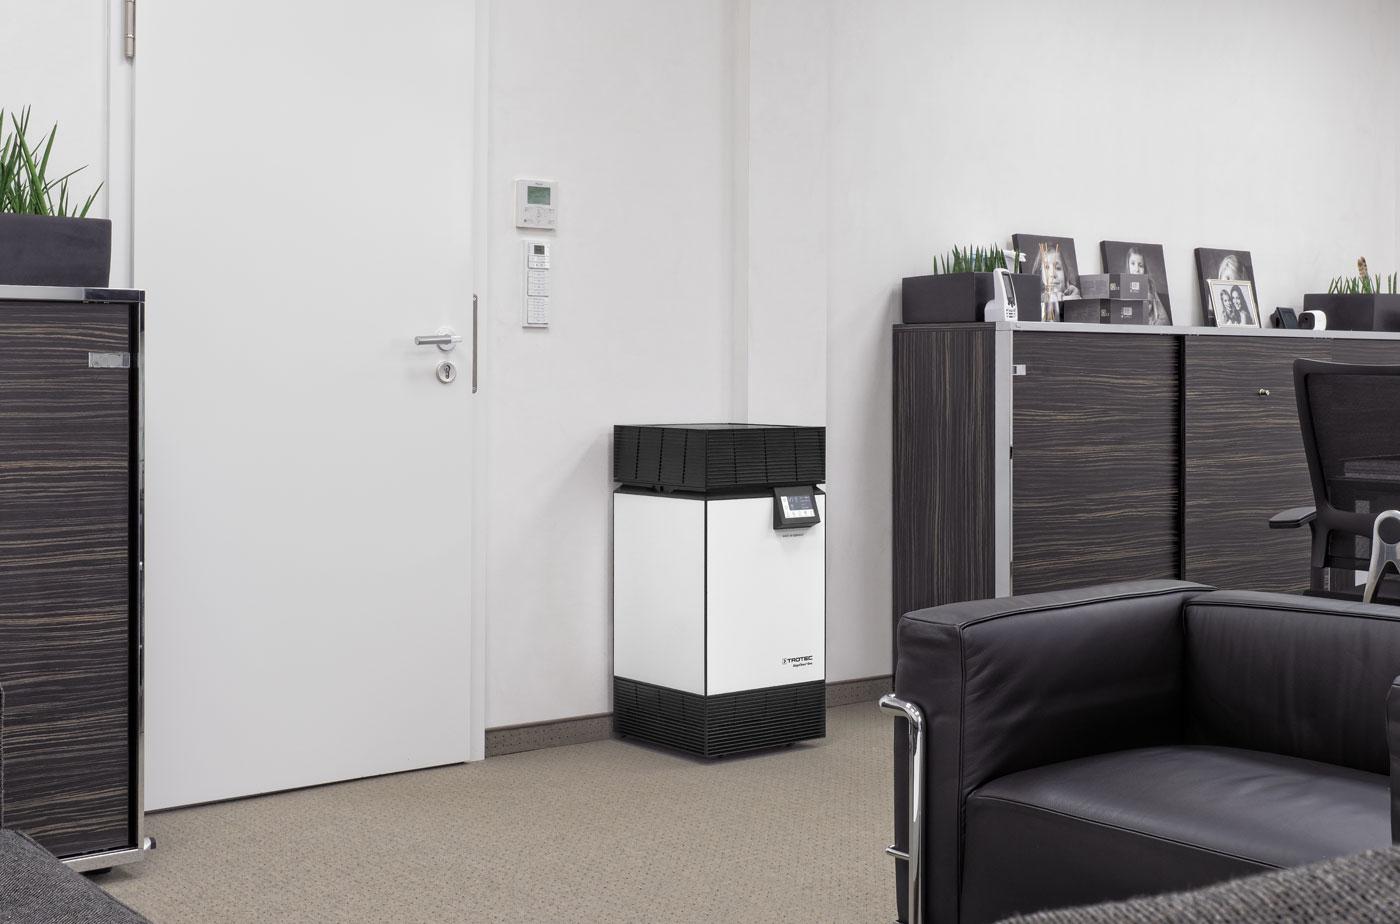 AirgoClean One - профессиональная фильтрация вирусов для офисов, медицинских учреждений, юридических фирм и жилых помещений